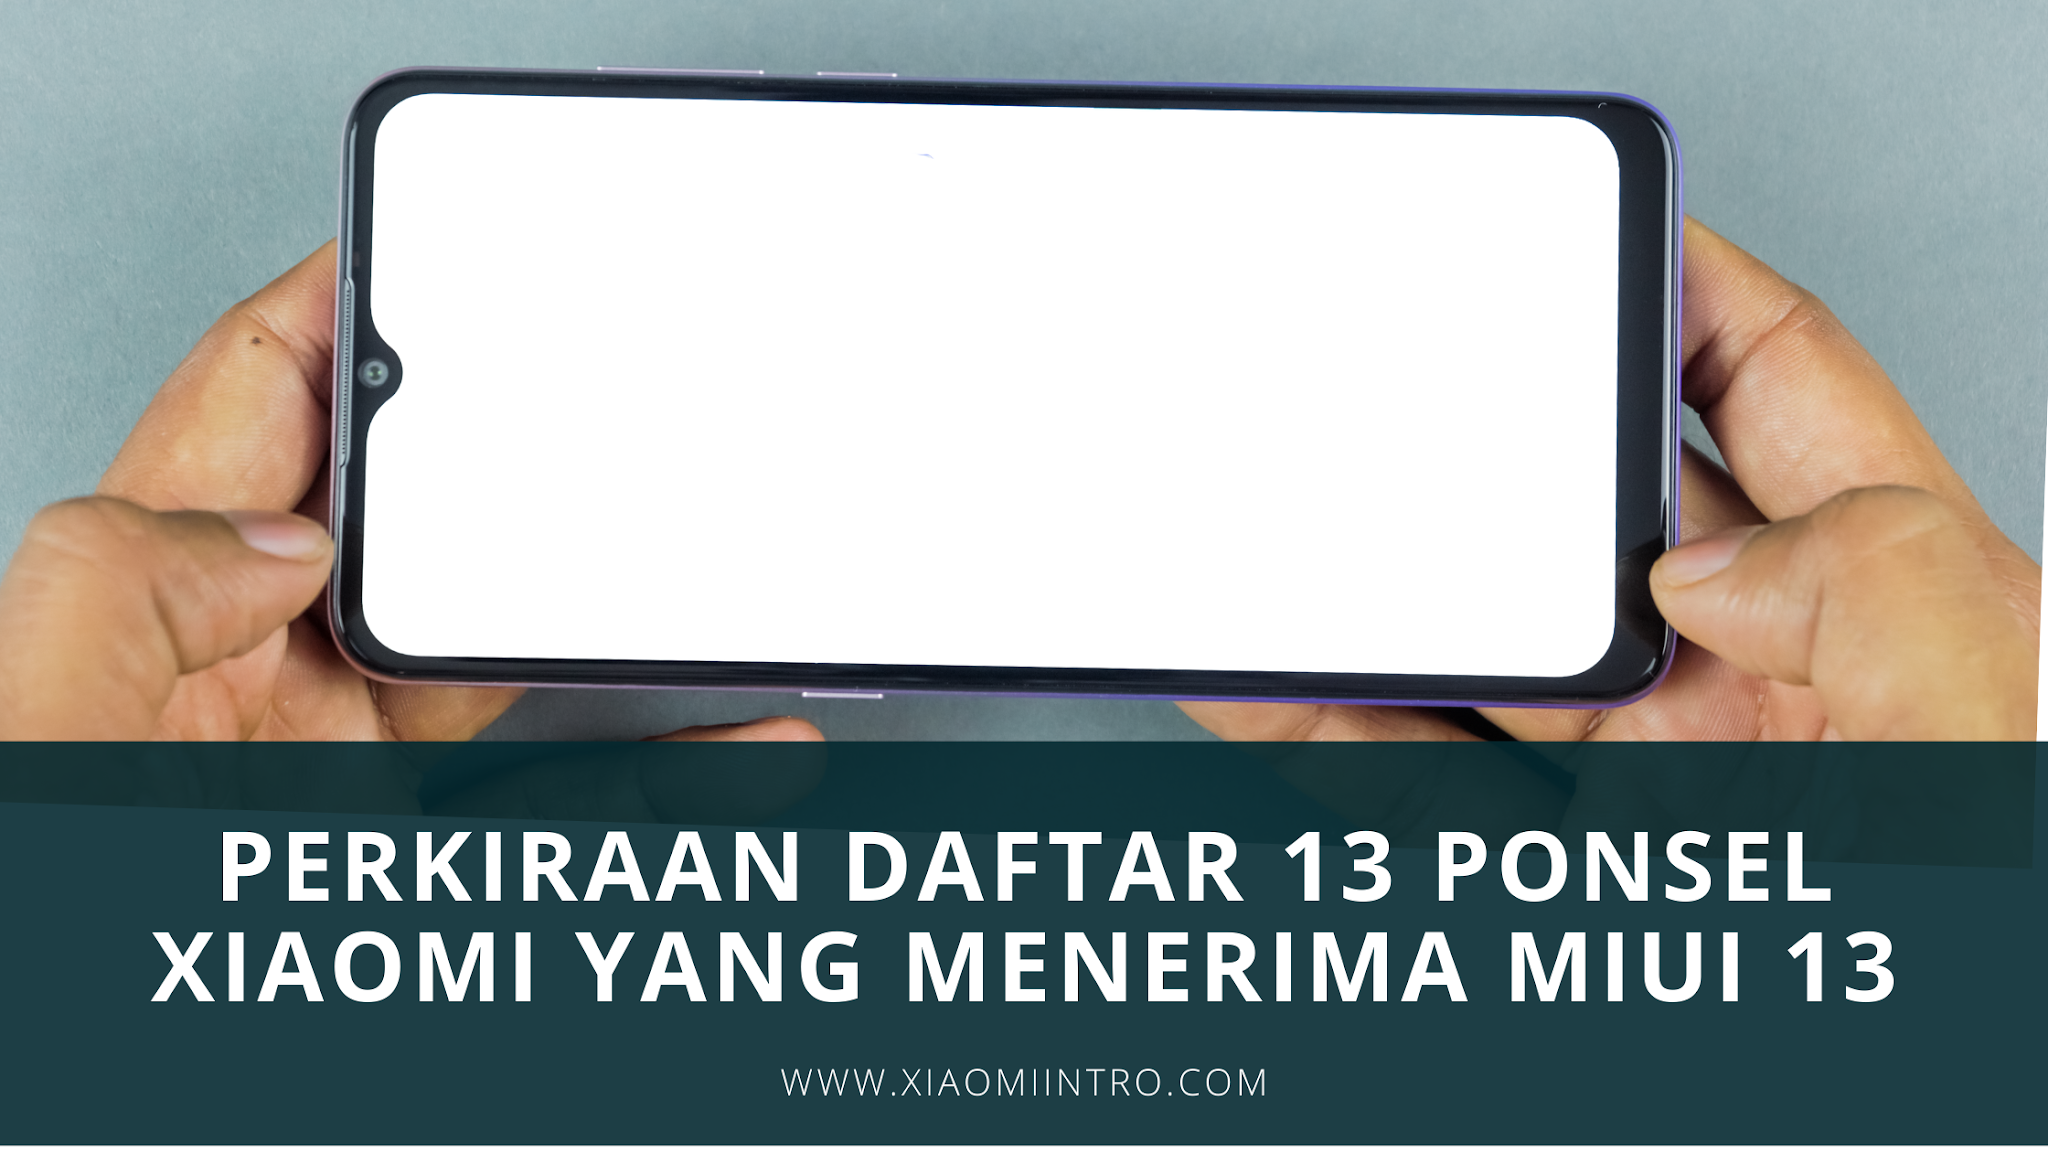 Perkiraan Daftar 13 Ponsel Xiaomi Yang Menerima Update MIUI 13